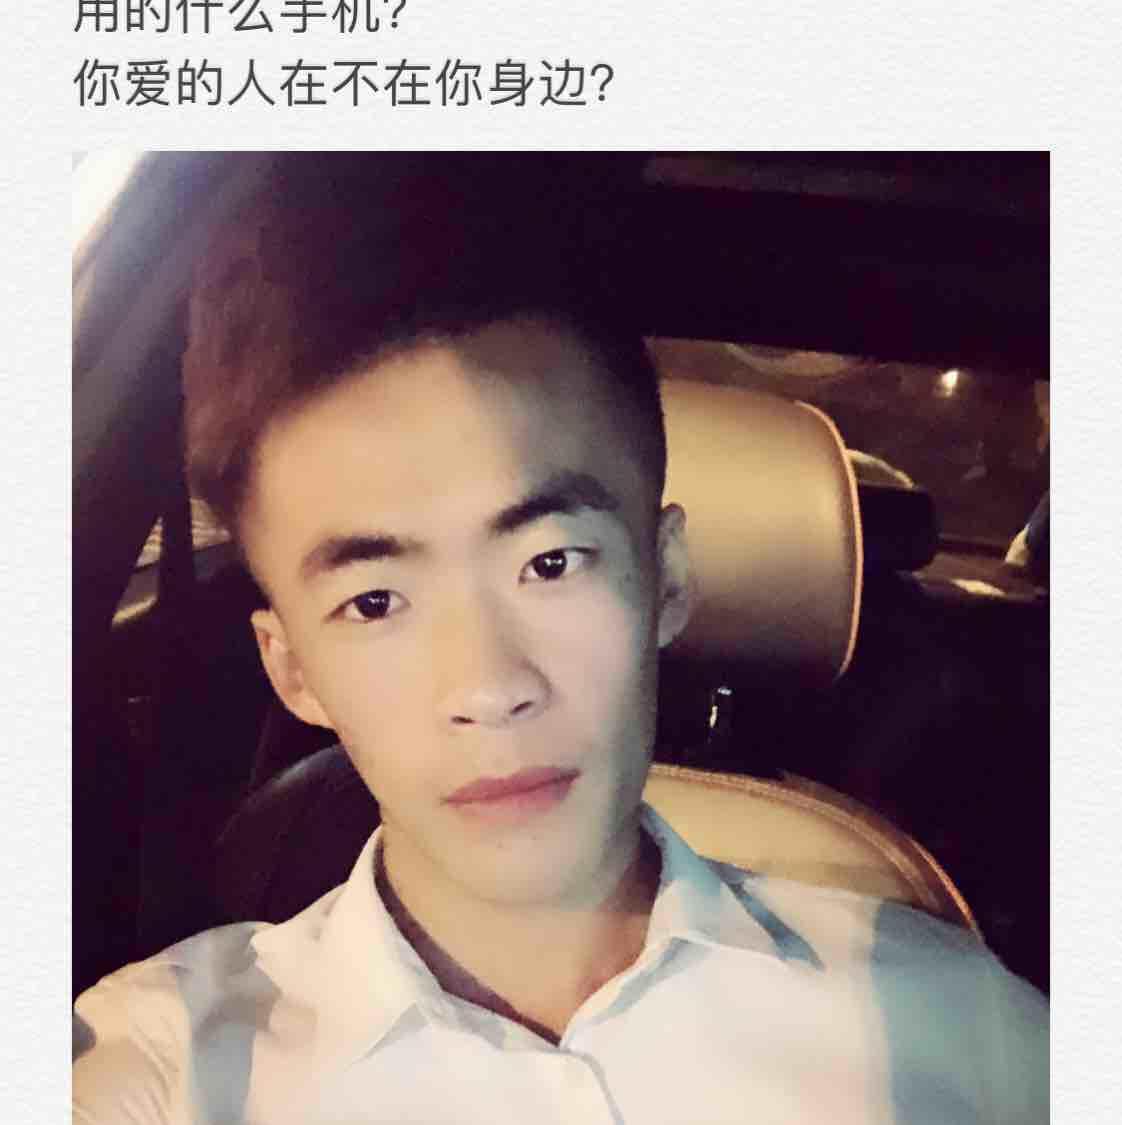 成都温江区房地产公司